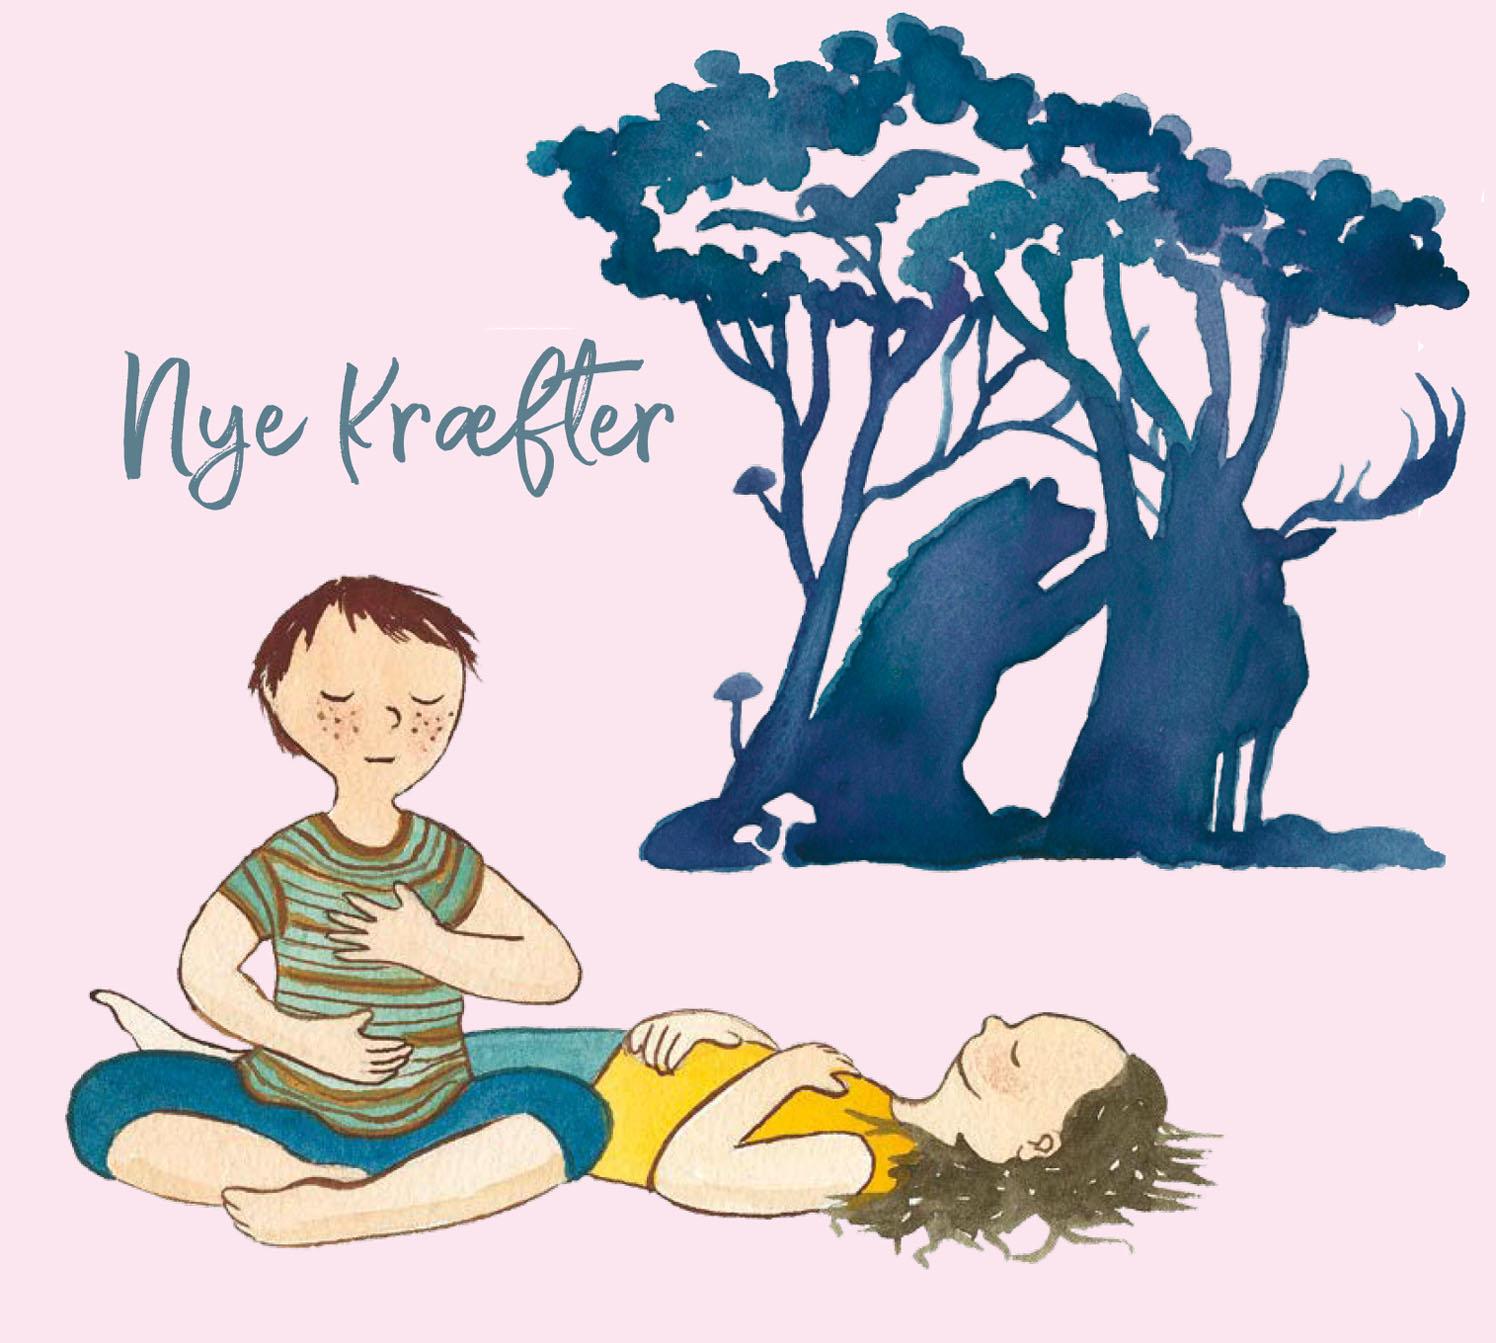 Hokus pokus filiyoga, lotte salling, yoga, yoga for børn, børneyoga, yoga i undervisningen, mindfullness for børn